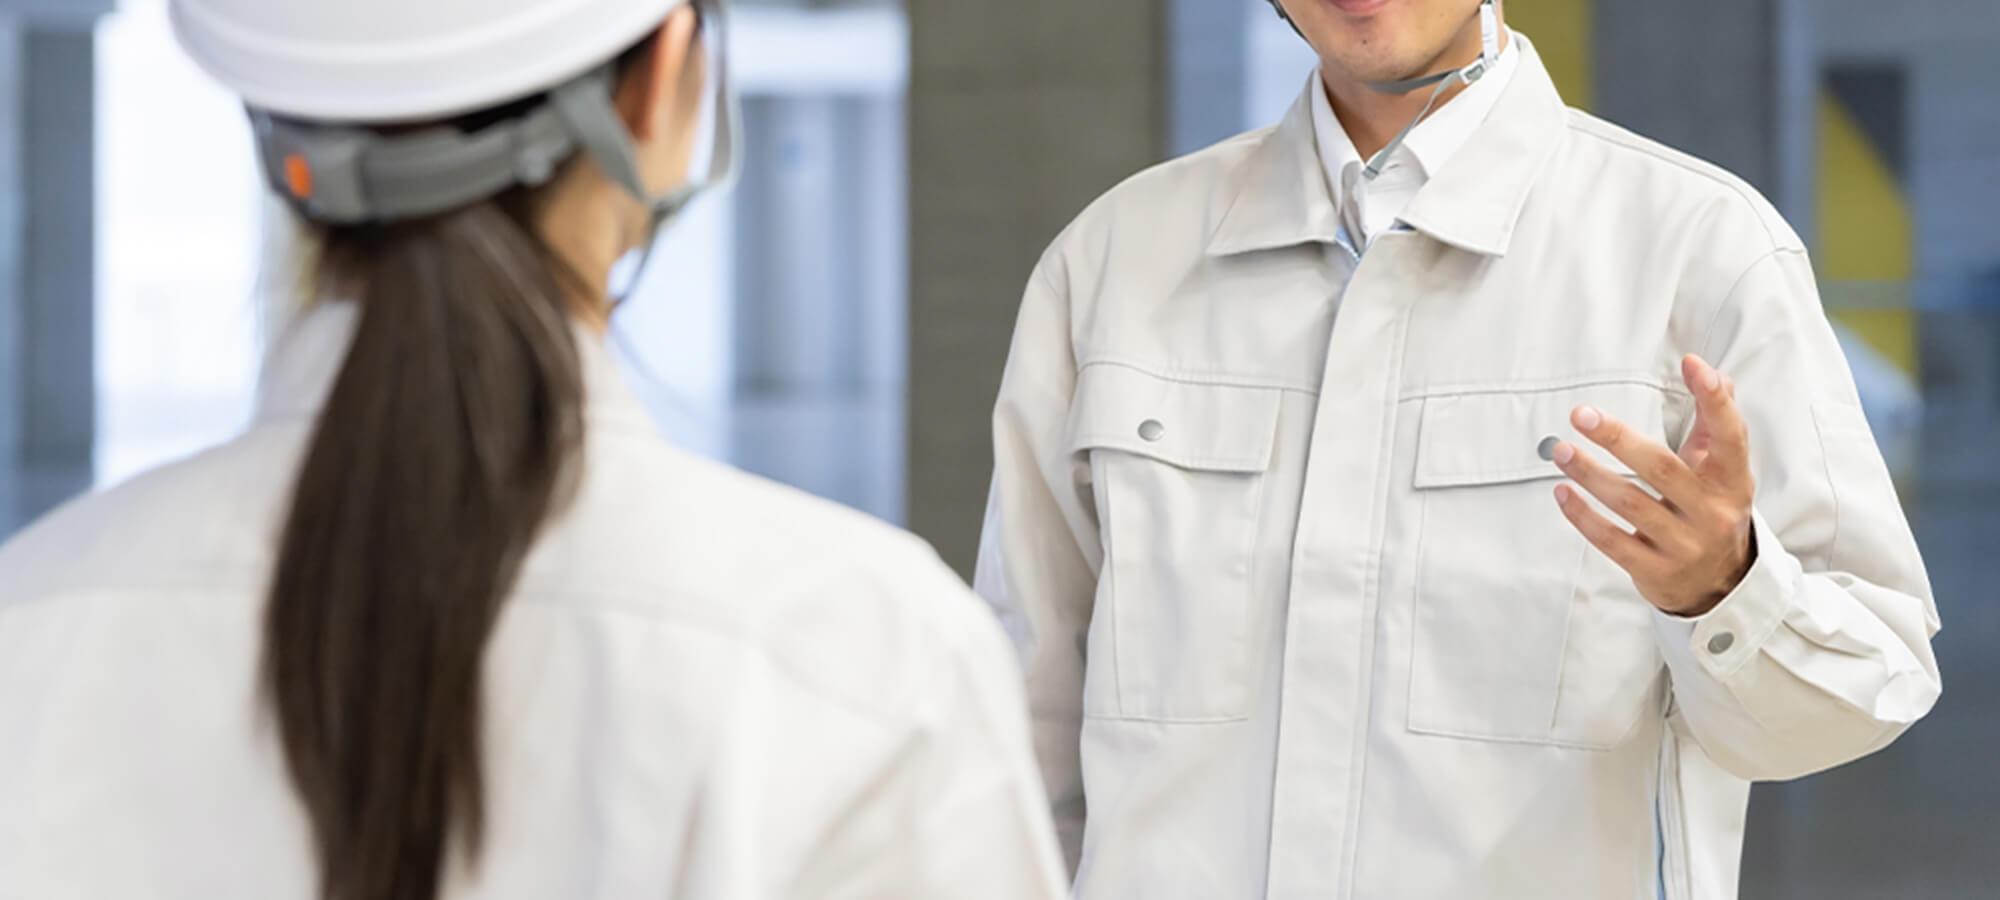 従業員の業務災害やハラスメントによる損害賠償責任に備える